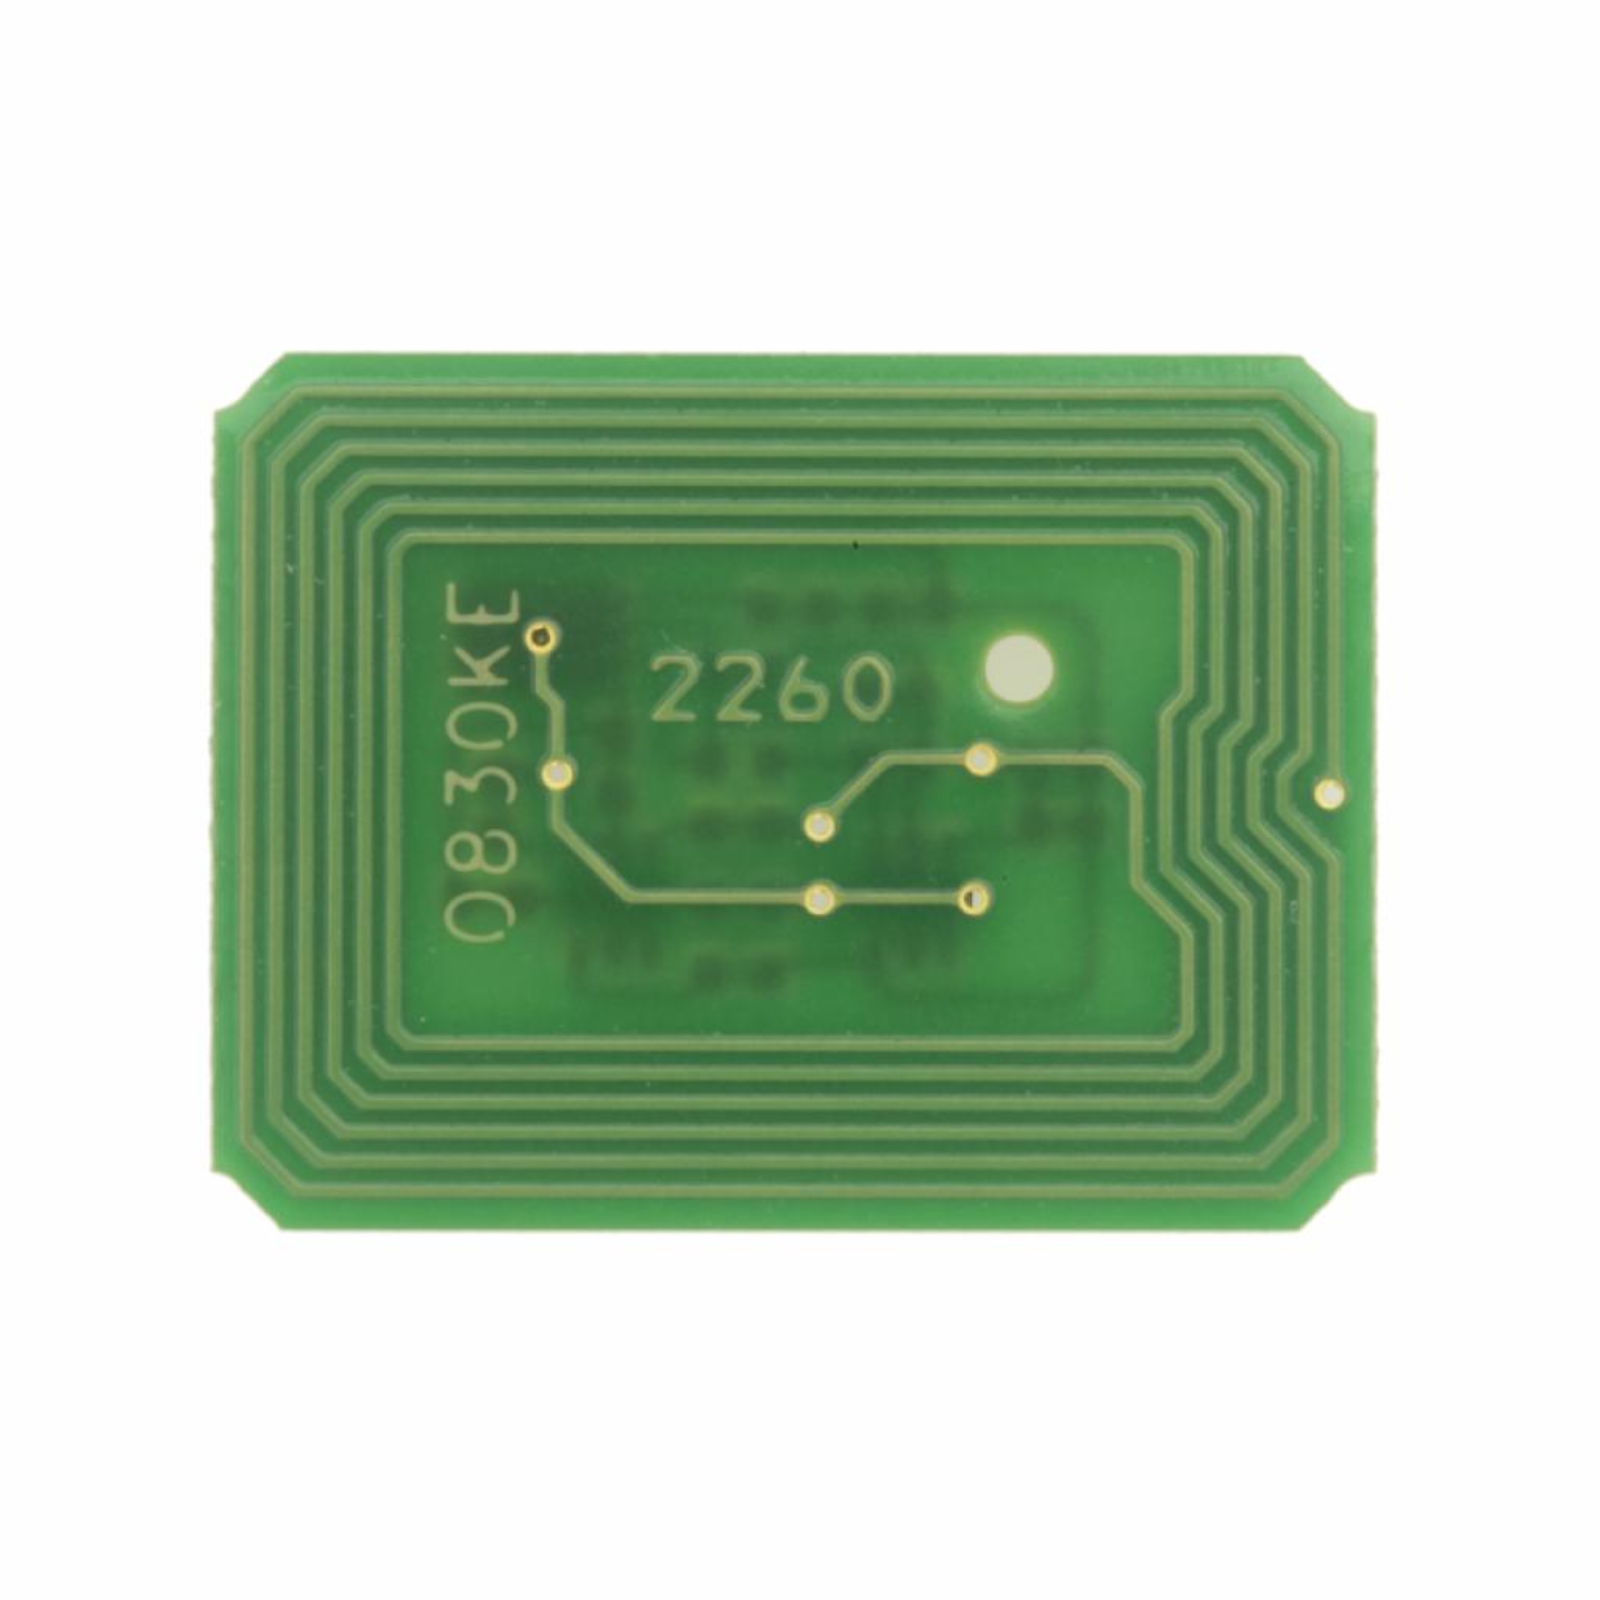 Чип для картриджа Oki C830 (44059106) (EU/AU/IS/RU) 8k magenta Static Control (OKI830CP-MAEU)